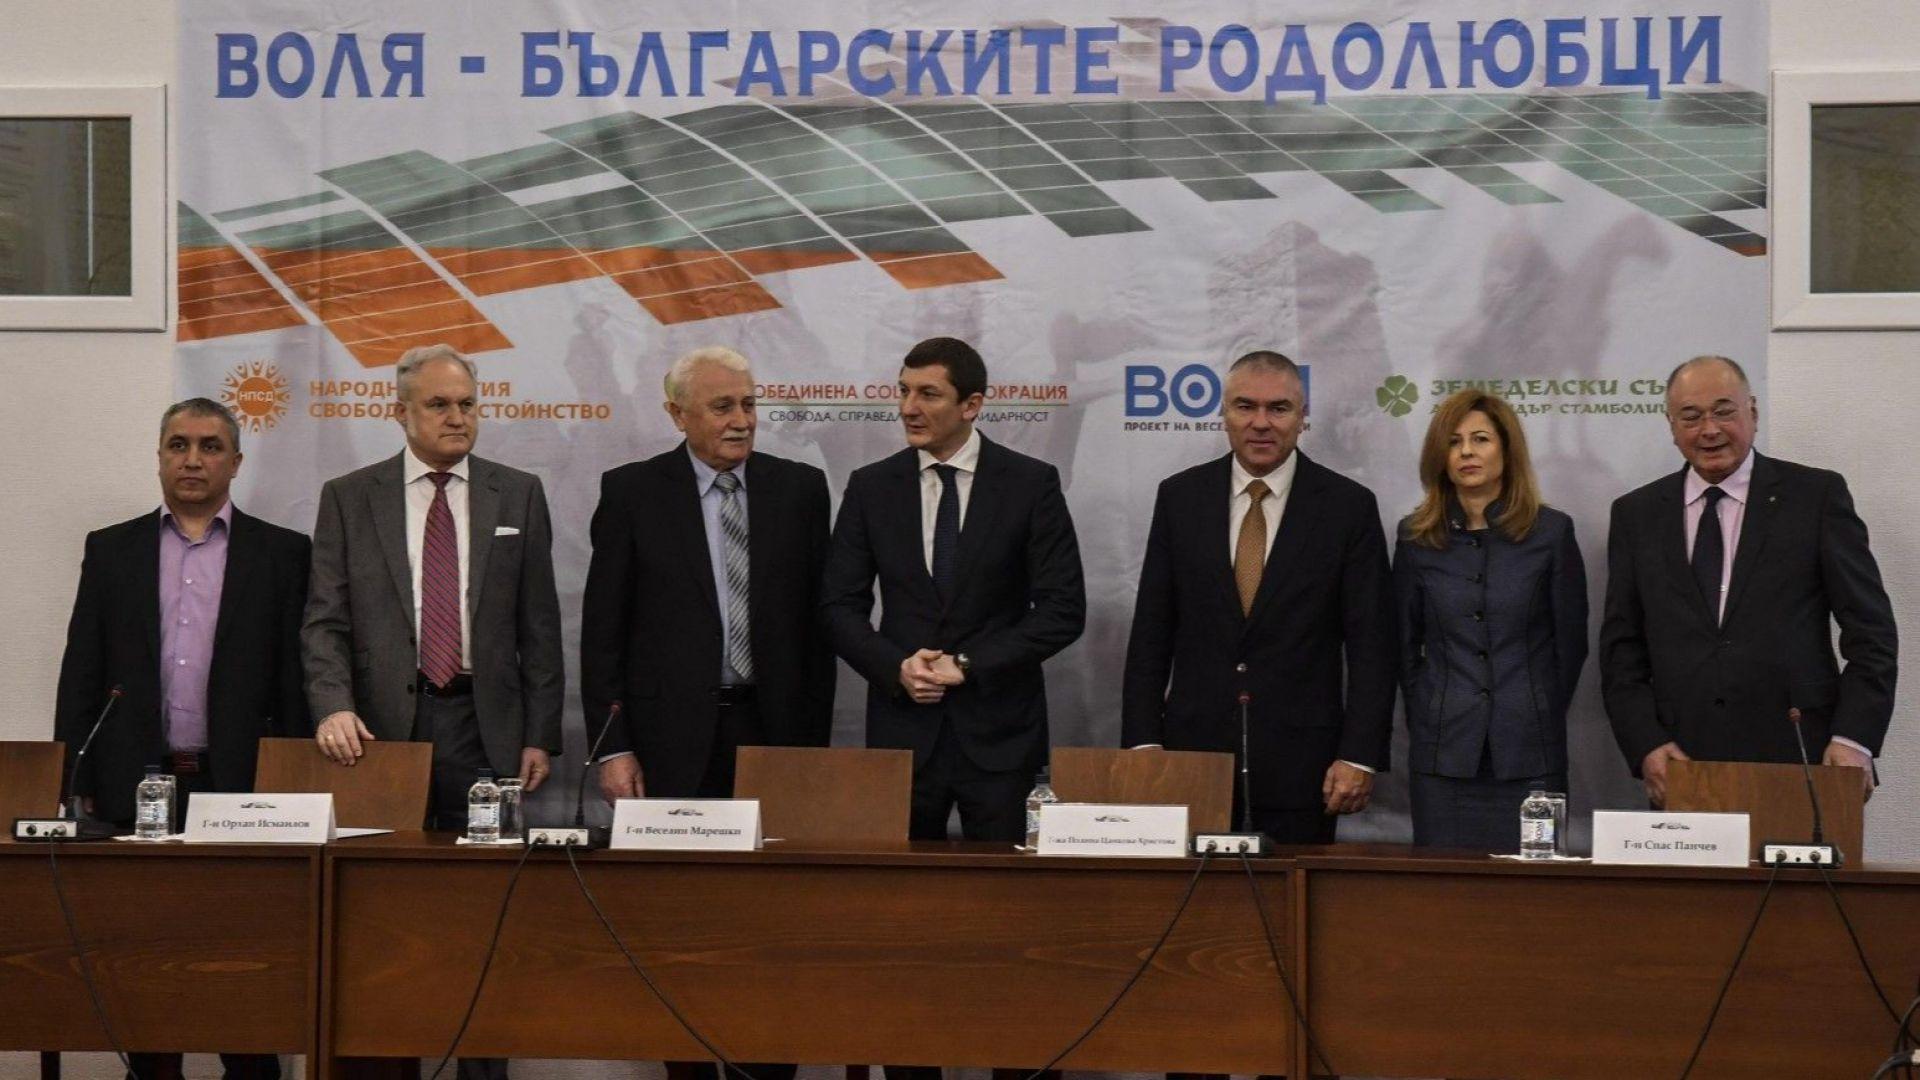 """Създаване на коалиция """"Воля - българските родолюбци"""" за евроизборите през пролетта"""